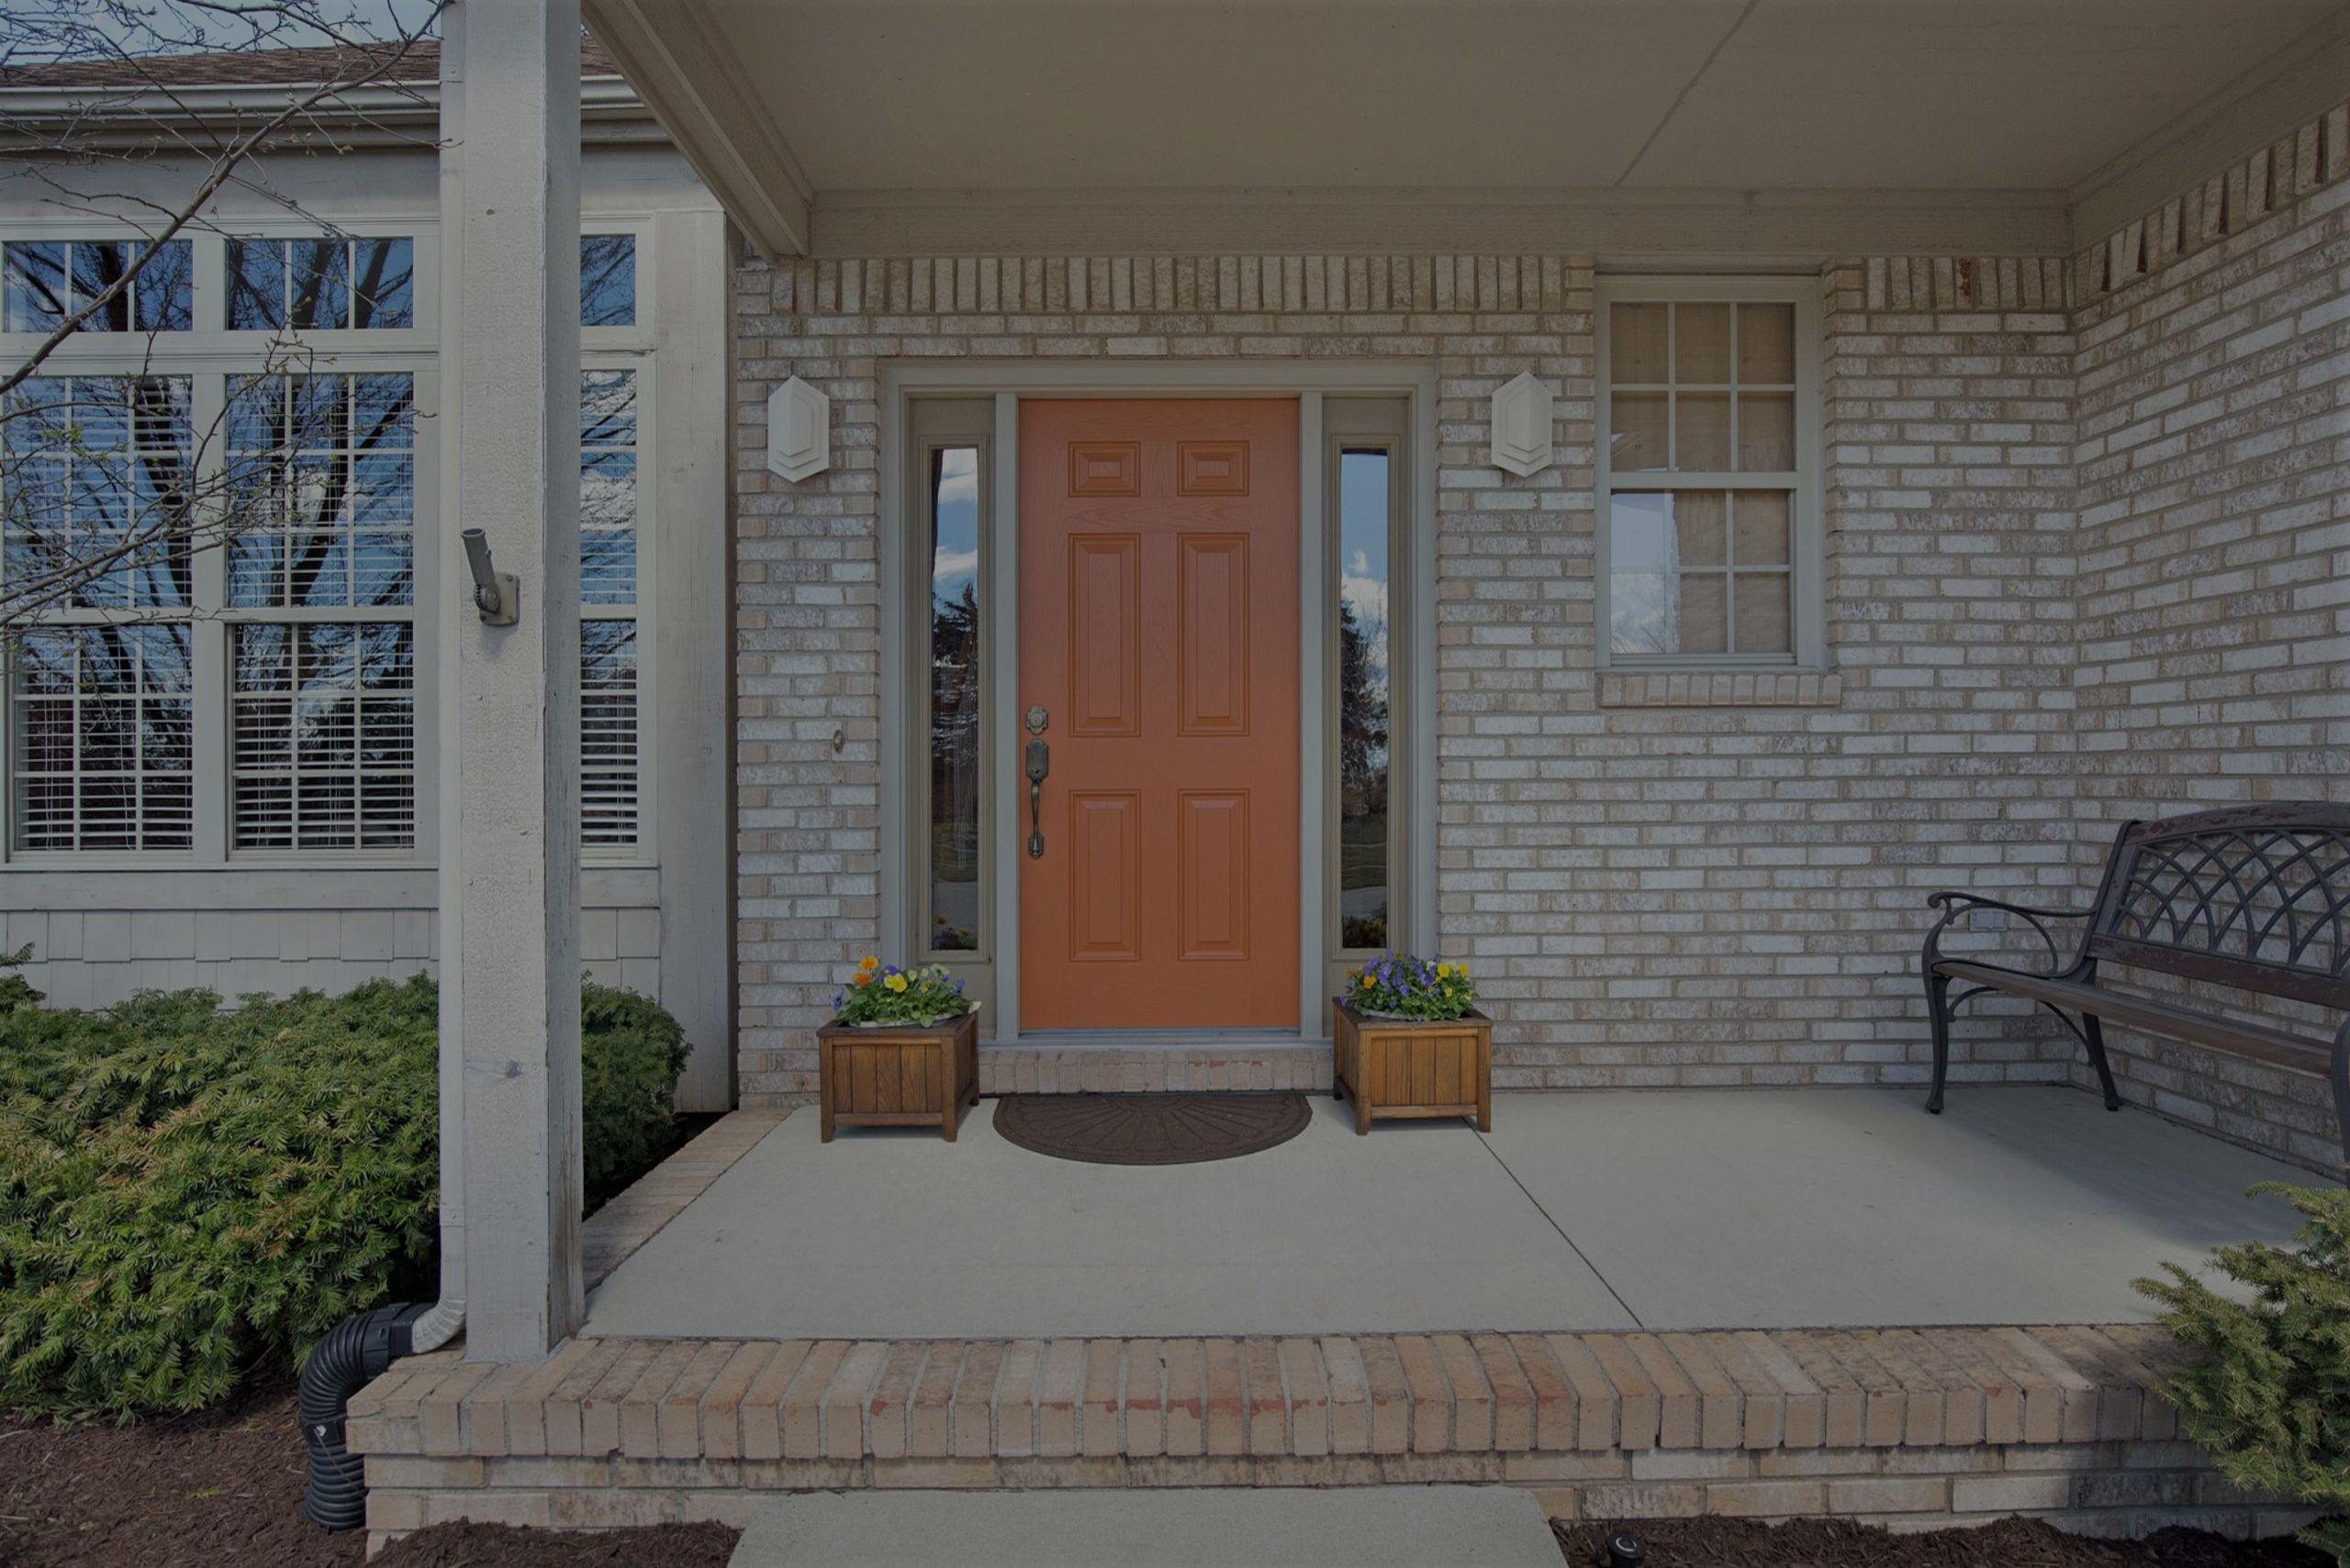 How to Avoid Choosing the Wrong Front Door